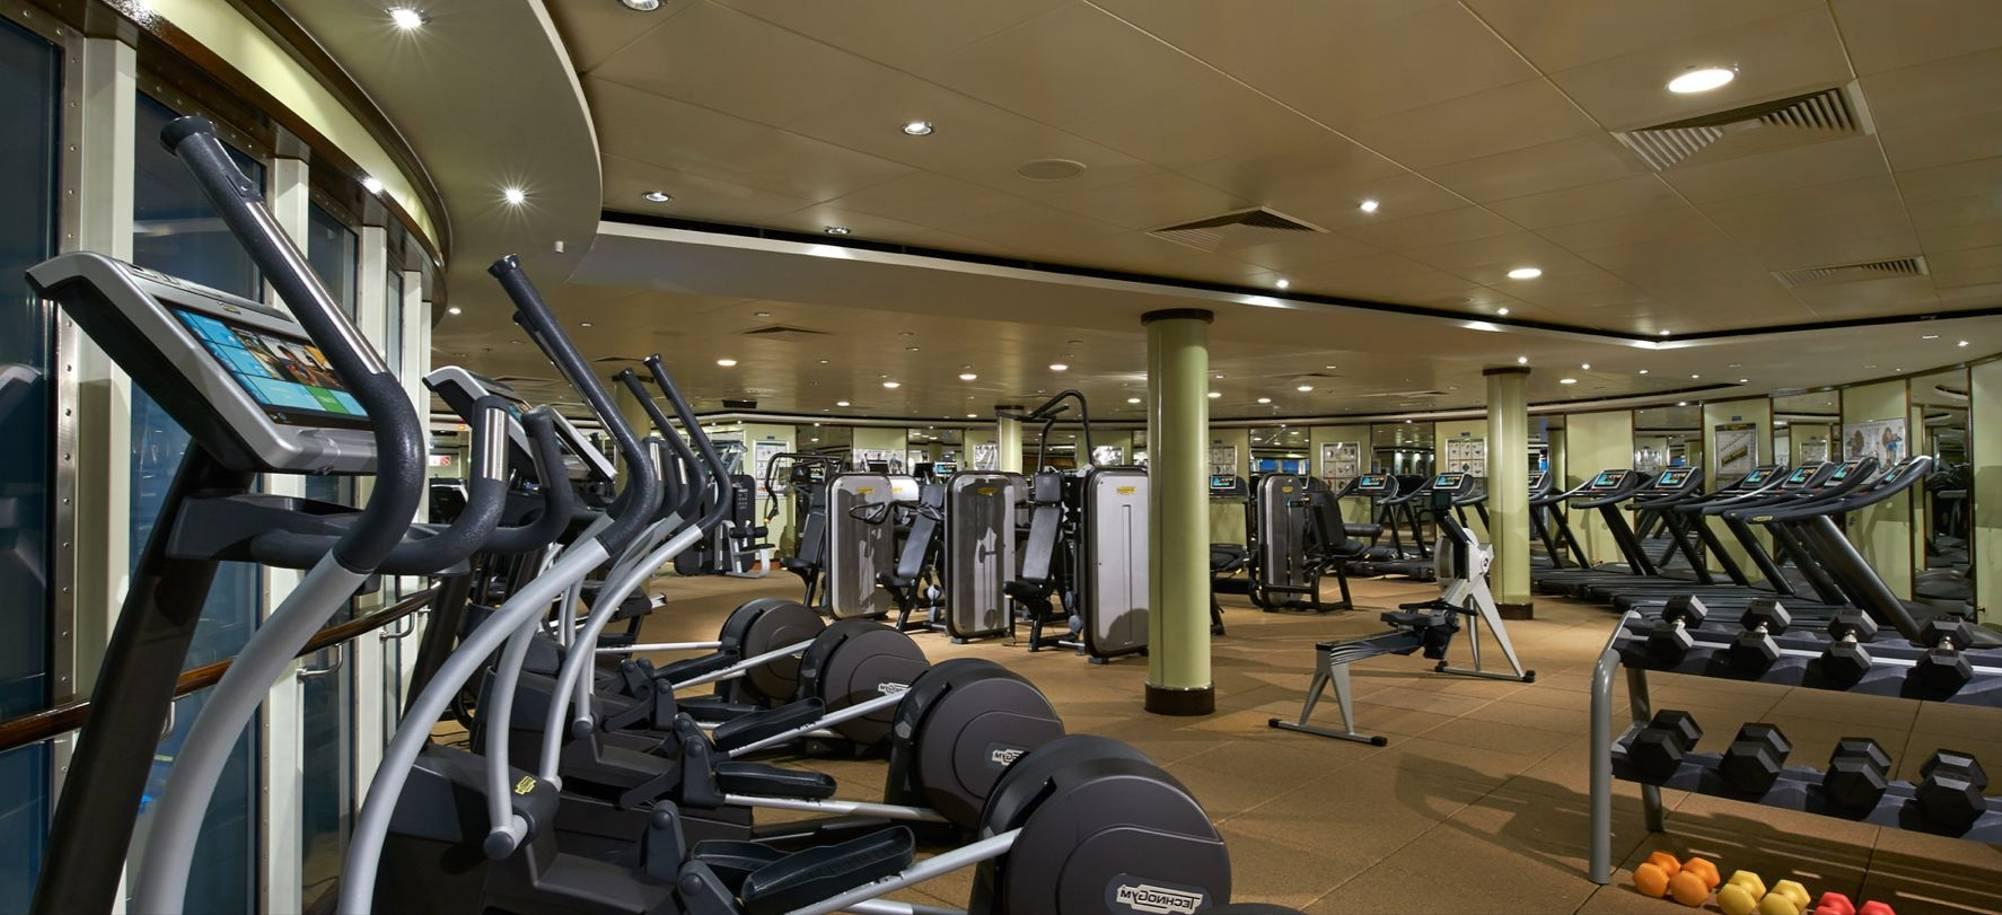 At Sea - Barong Fitness Centre - Itinerary Desktop.jpg